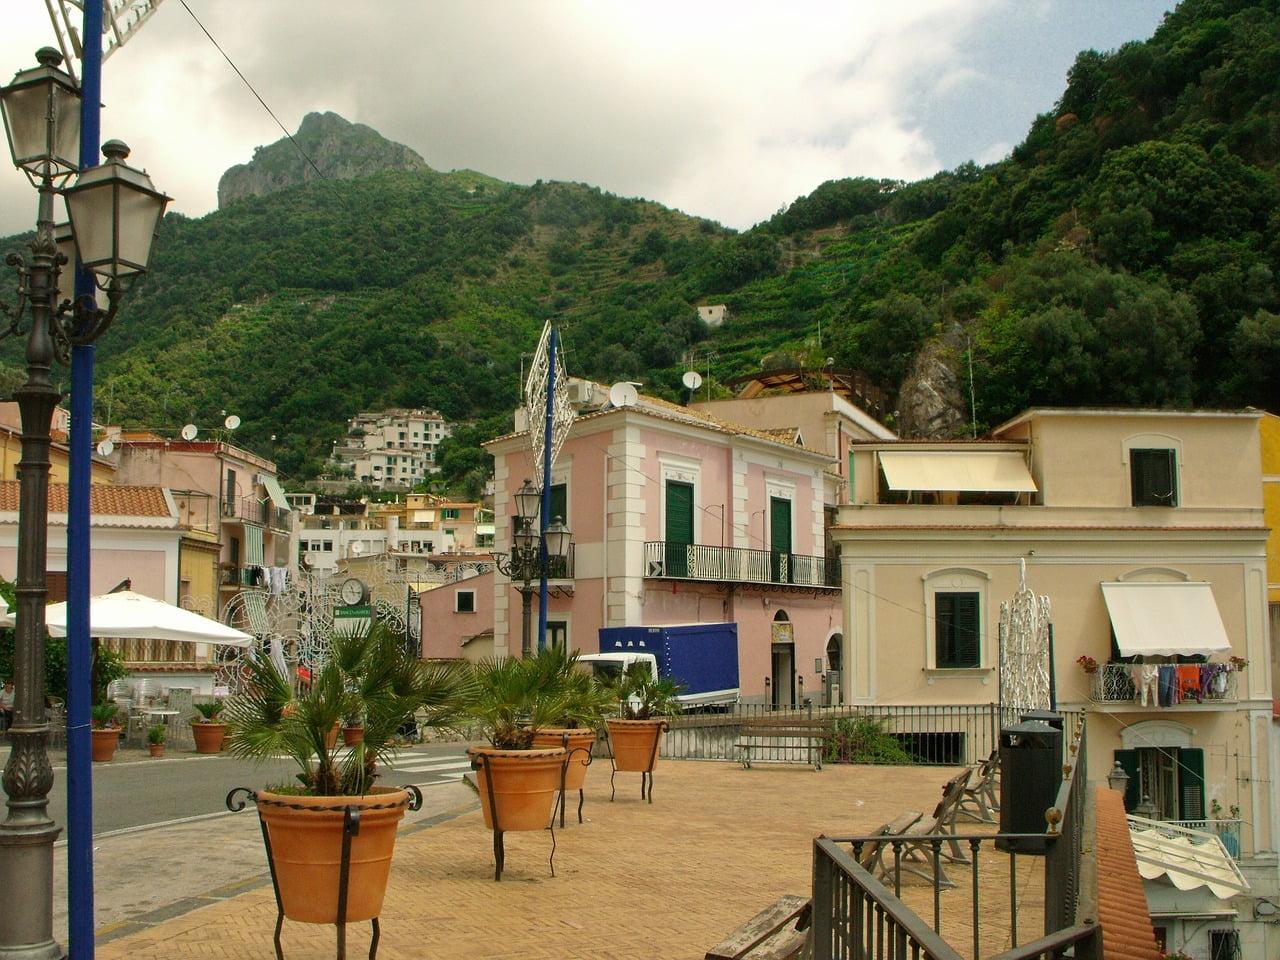 Cetara, famosa per la colatura di alici, è il borgo più autentico della costiera amalfitana.